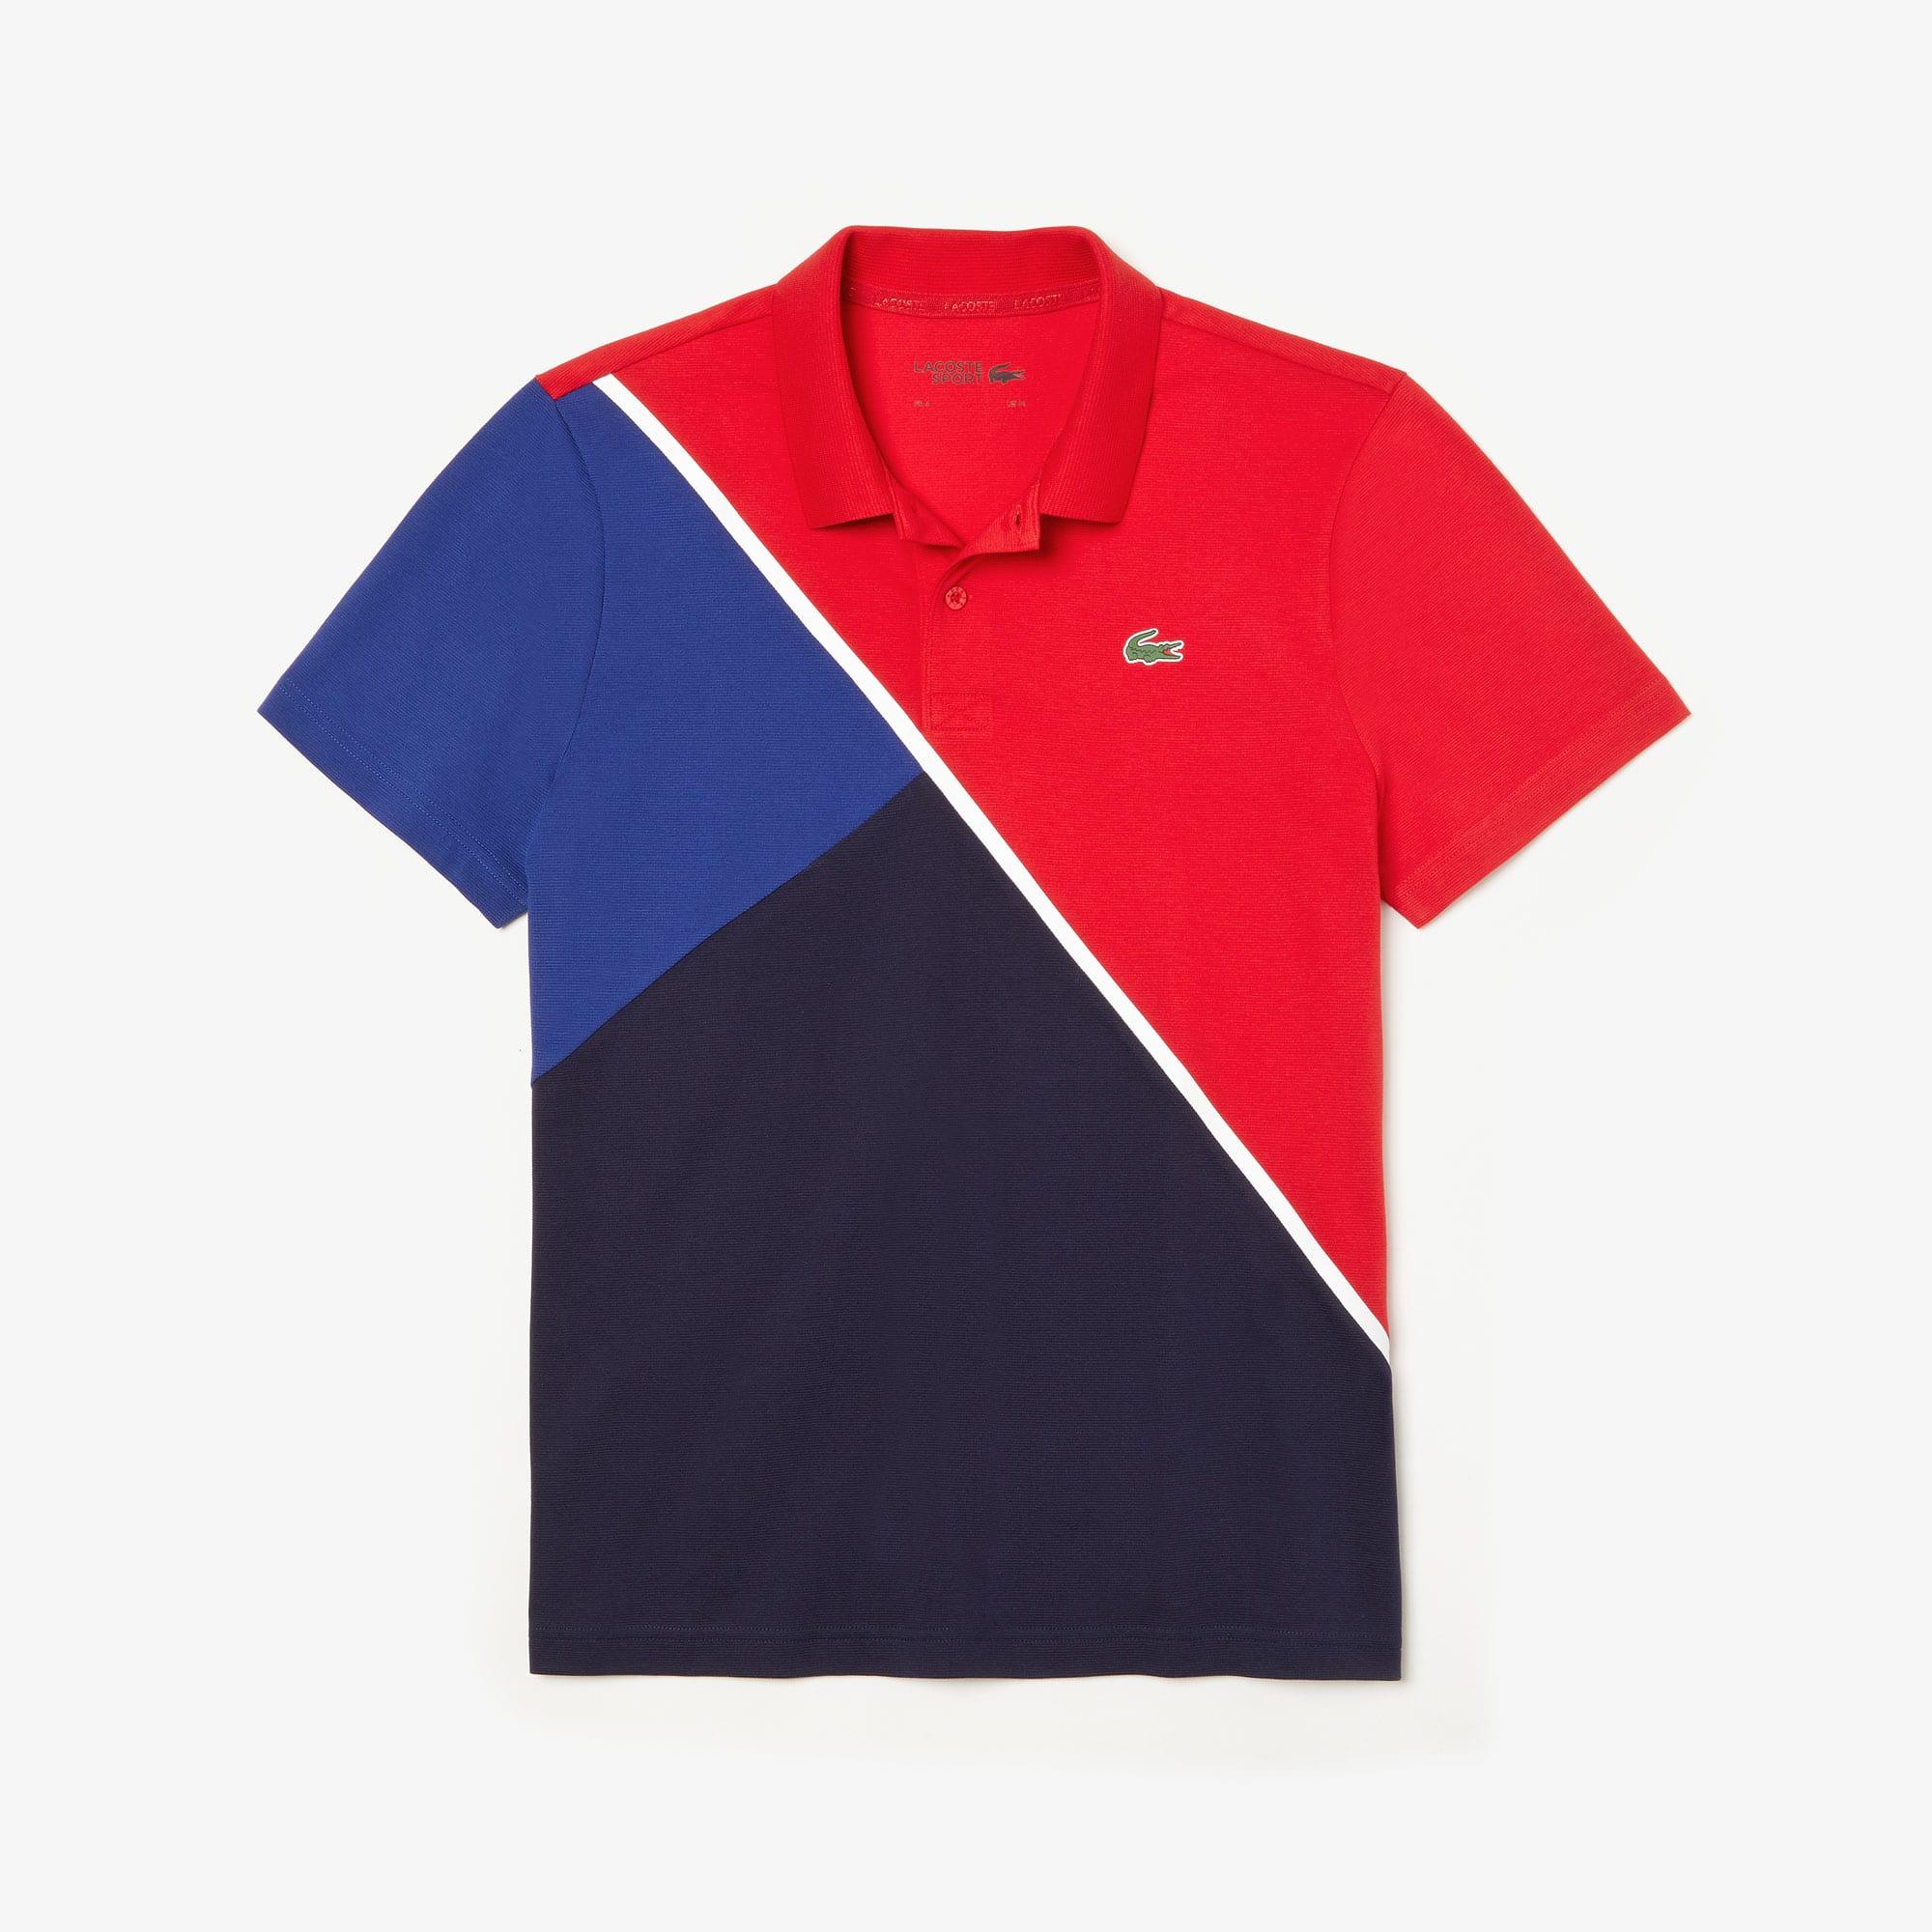 88731fb28f89b Lacoste Men's Polos. Lacoste.com